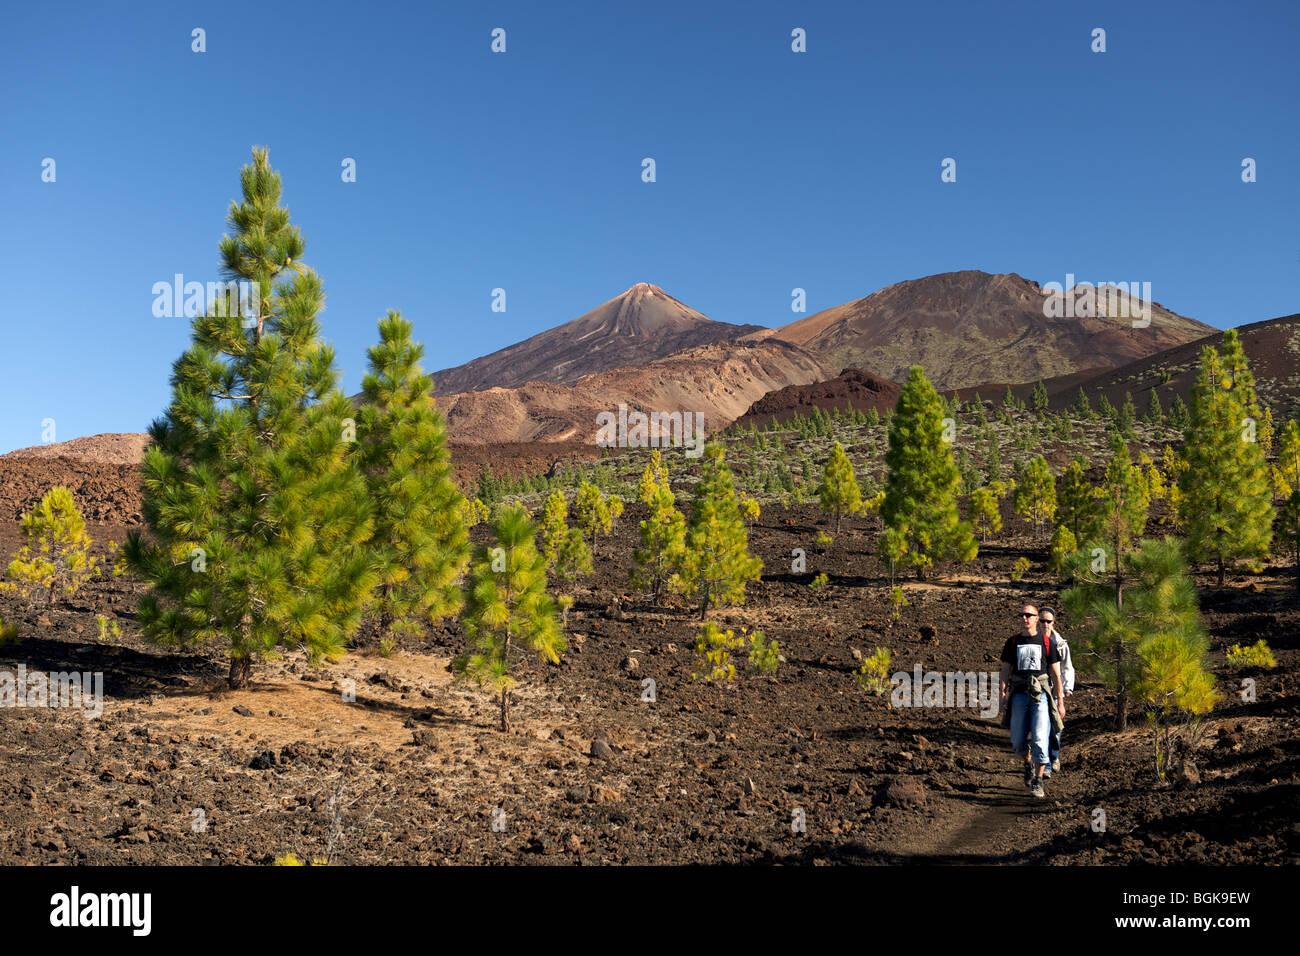 Spanien Teneriffa Kanarische Inseln Mount Teide höchsten Atlantik wandern Sonne Reisen Urlaub Meer Natur blauen Stockbild